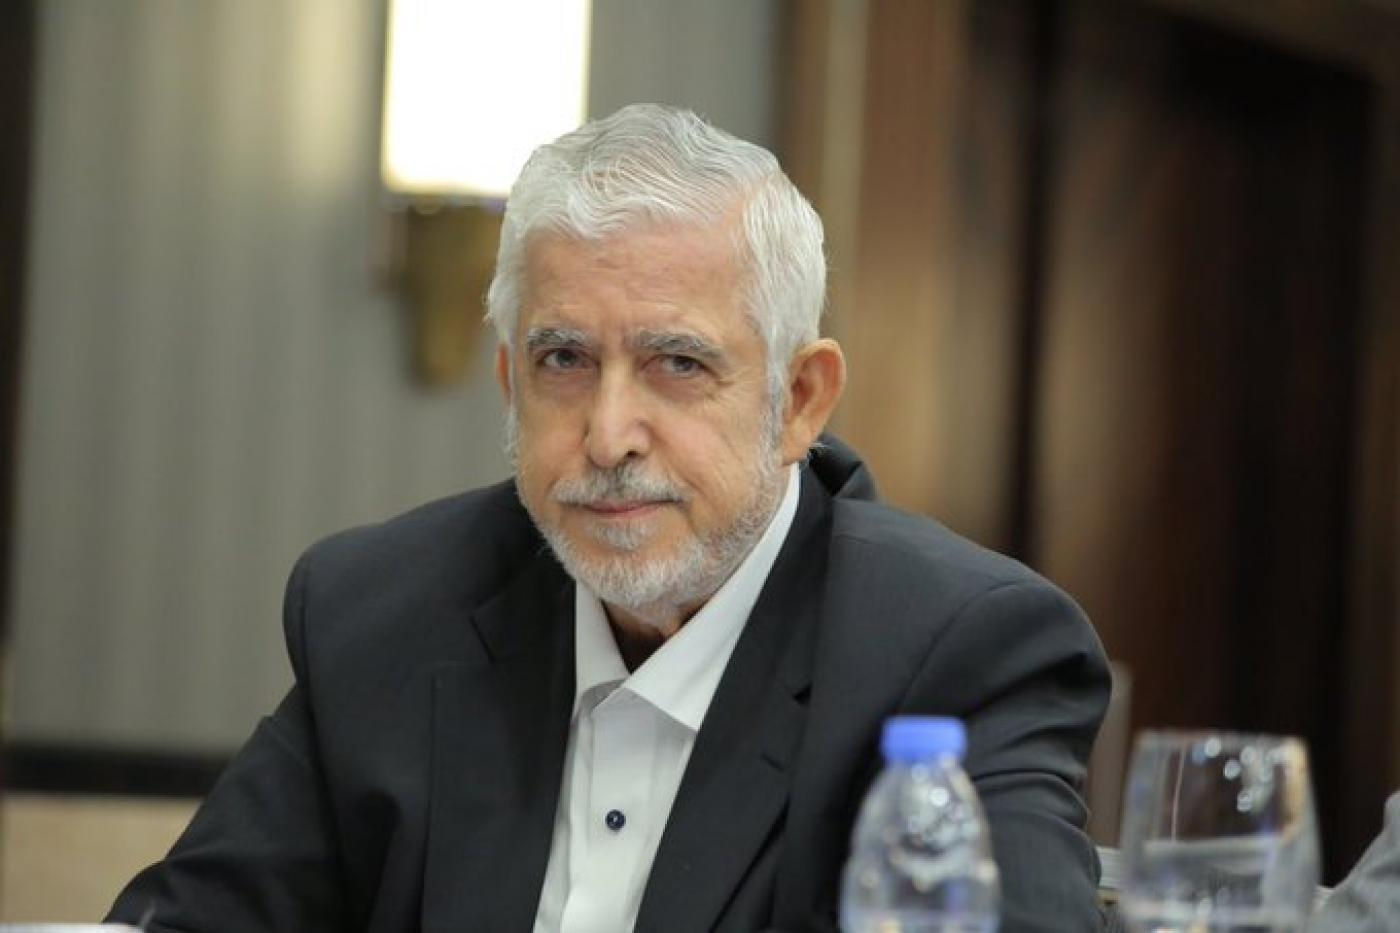 محمد الخضري القيادي في حماس المعتقل في السجون السعودية وابنه الأكبر هاني